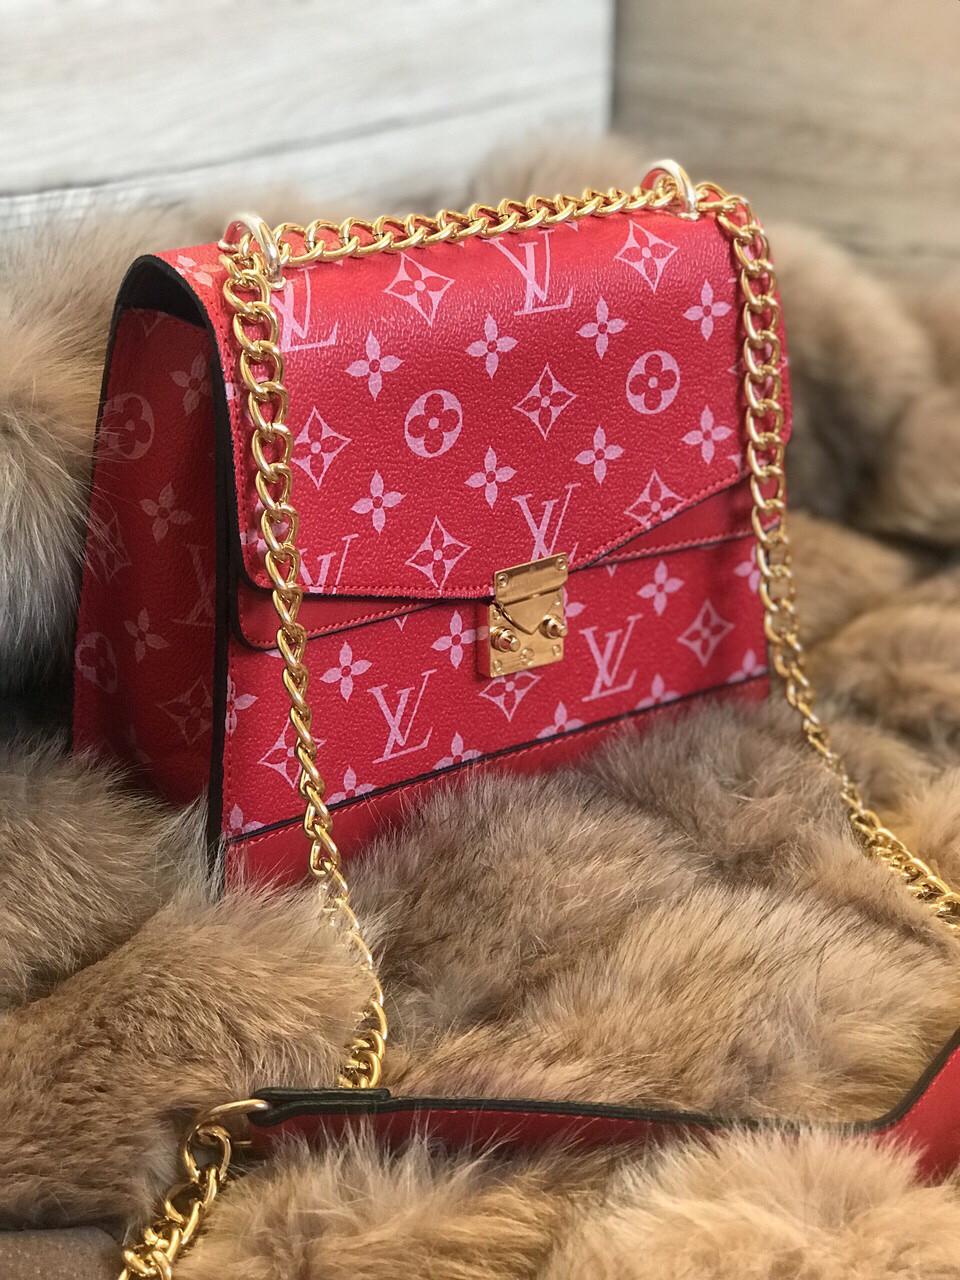 Сумка клатч на цепи Louis Vuitton LV (реплика люкс) small red